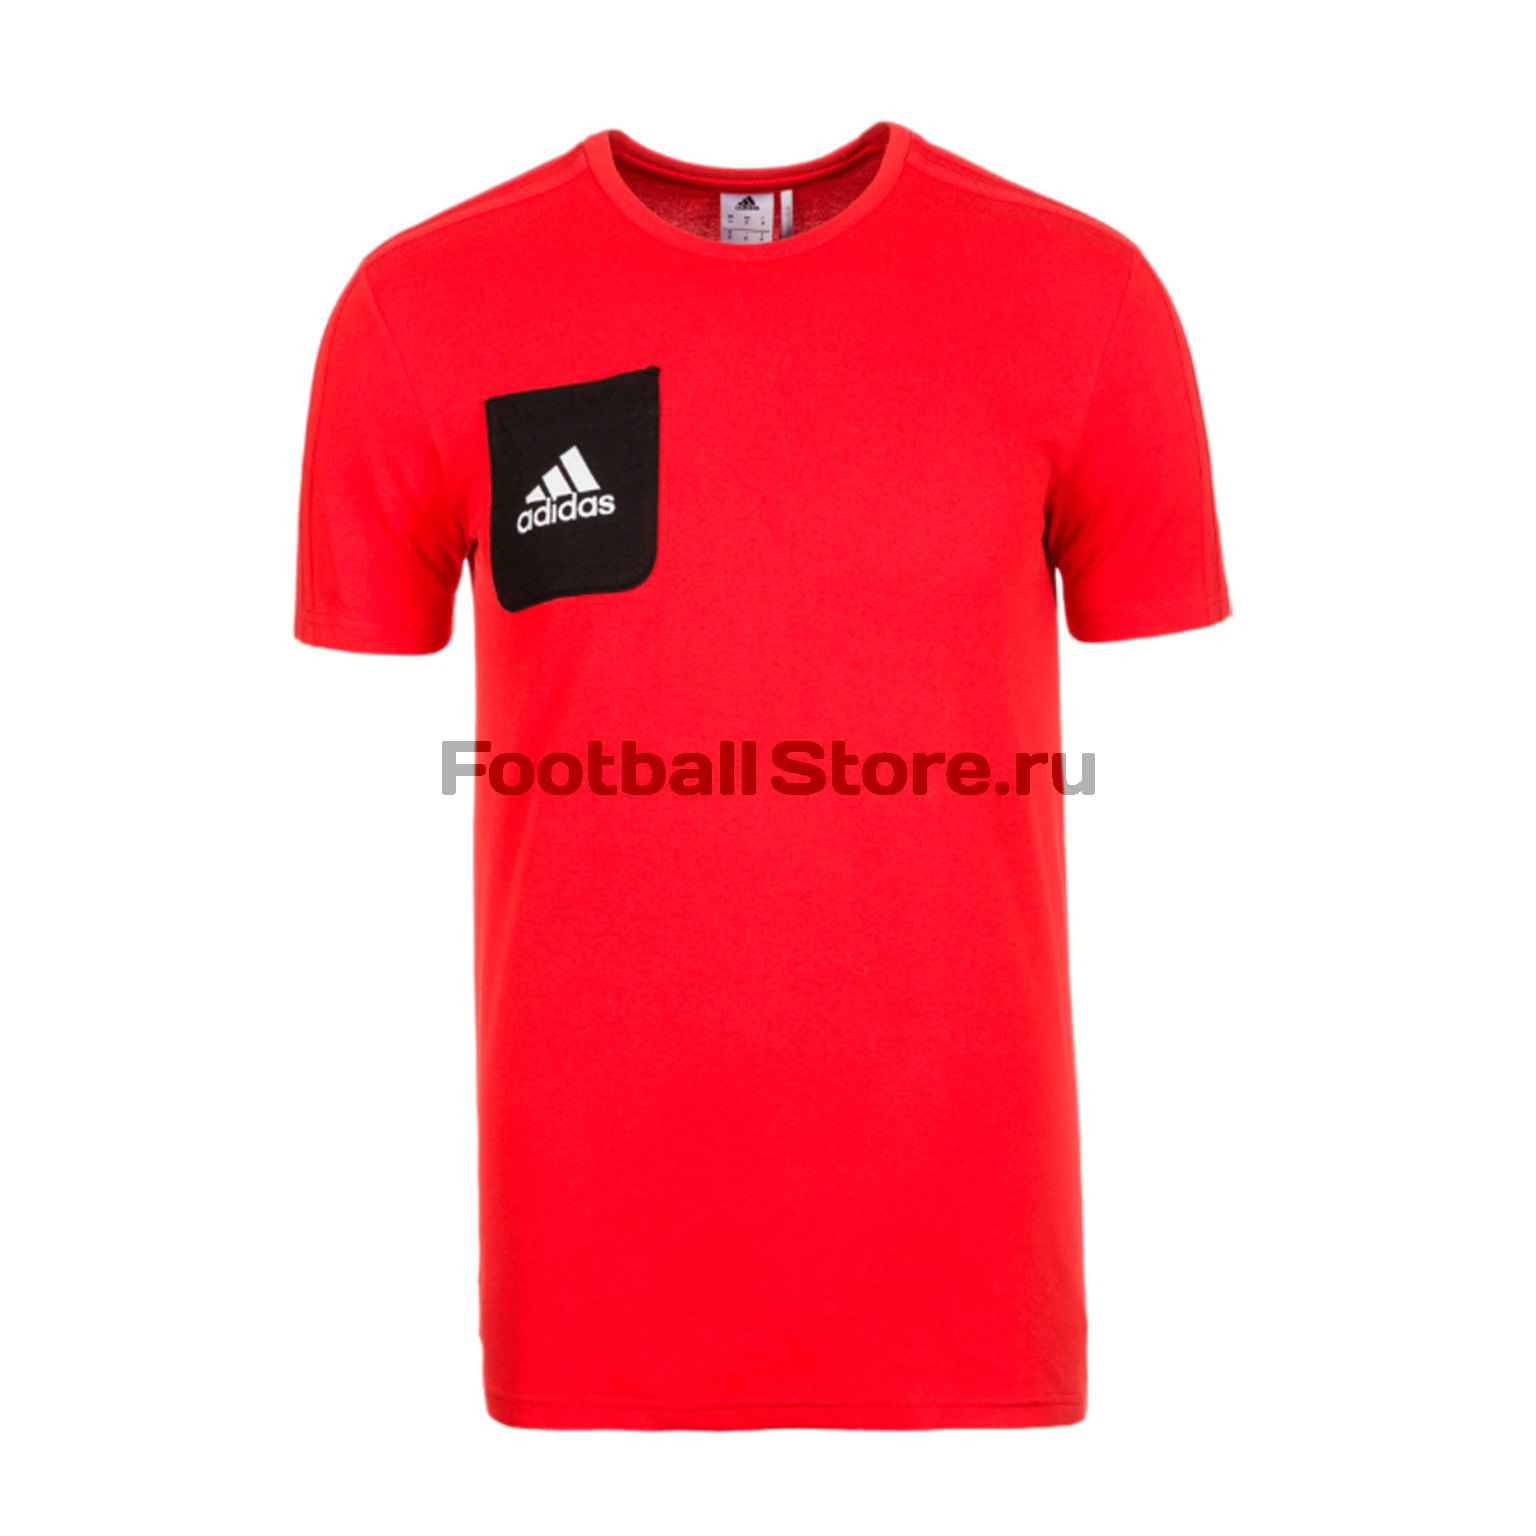 Футболка тренировочная Adidas Tiro17 Tee BQ2658 все цены